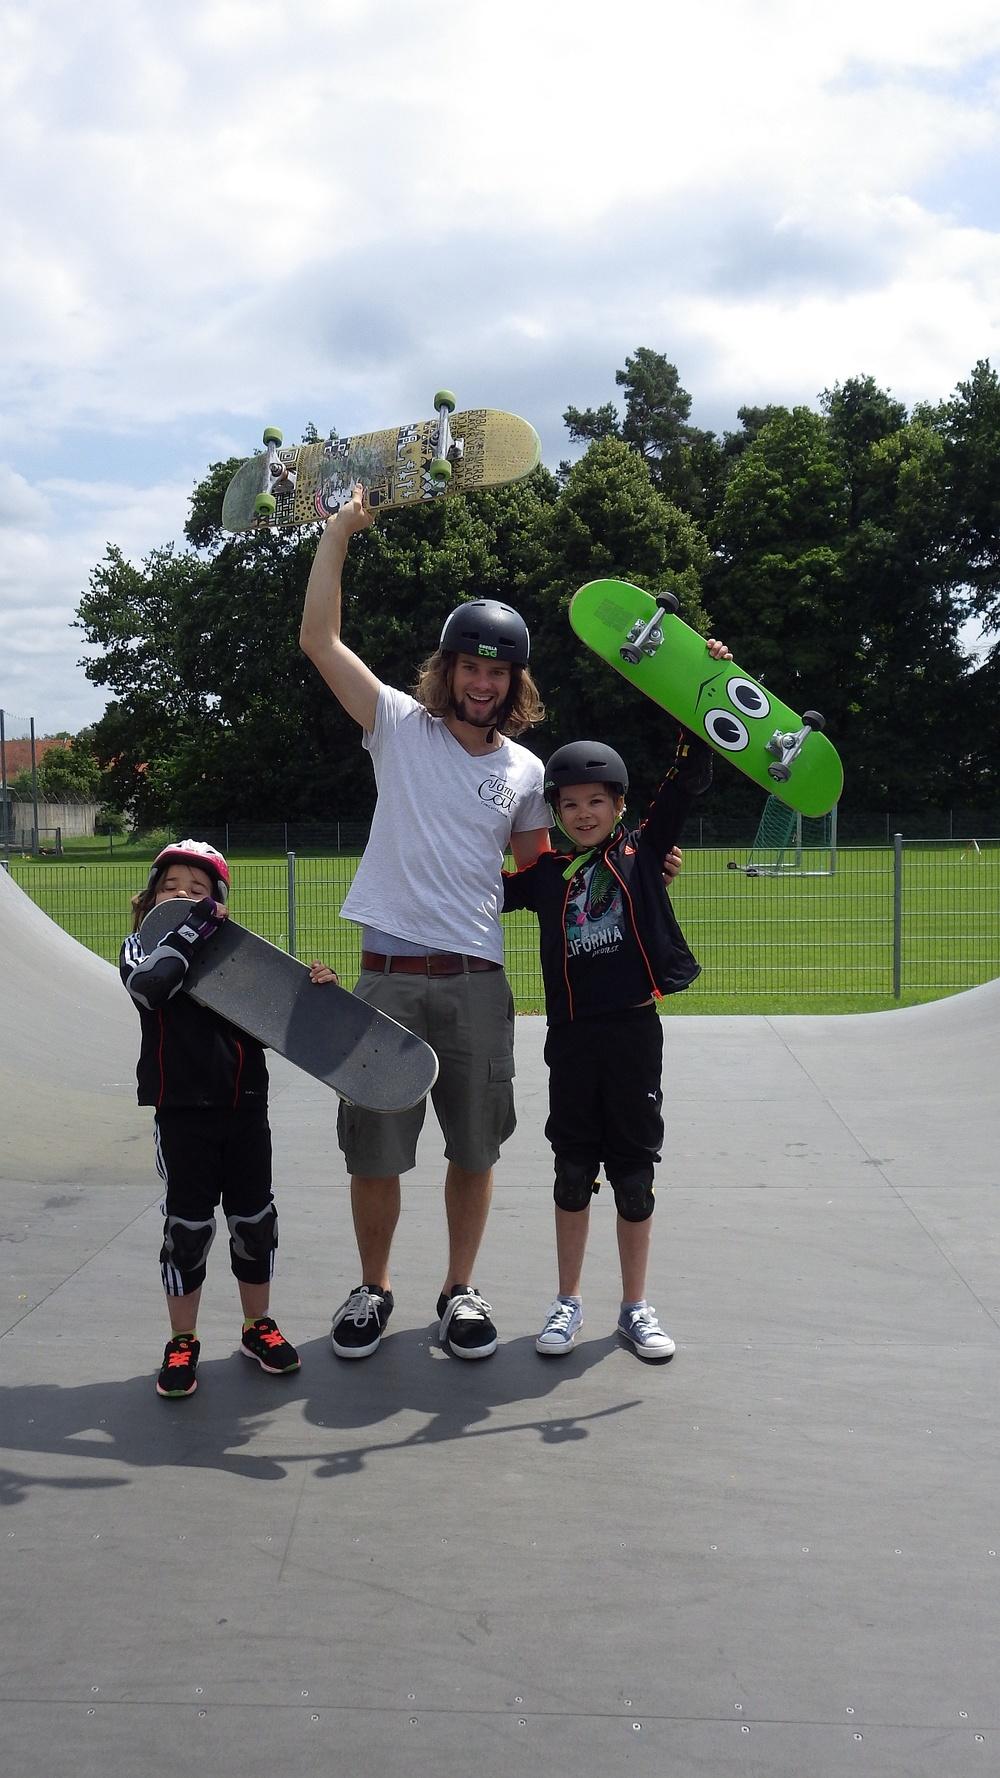 Skatekurs Pullach Skatepark München Skateworkshop TomCatSkate.com SK.JPG